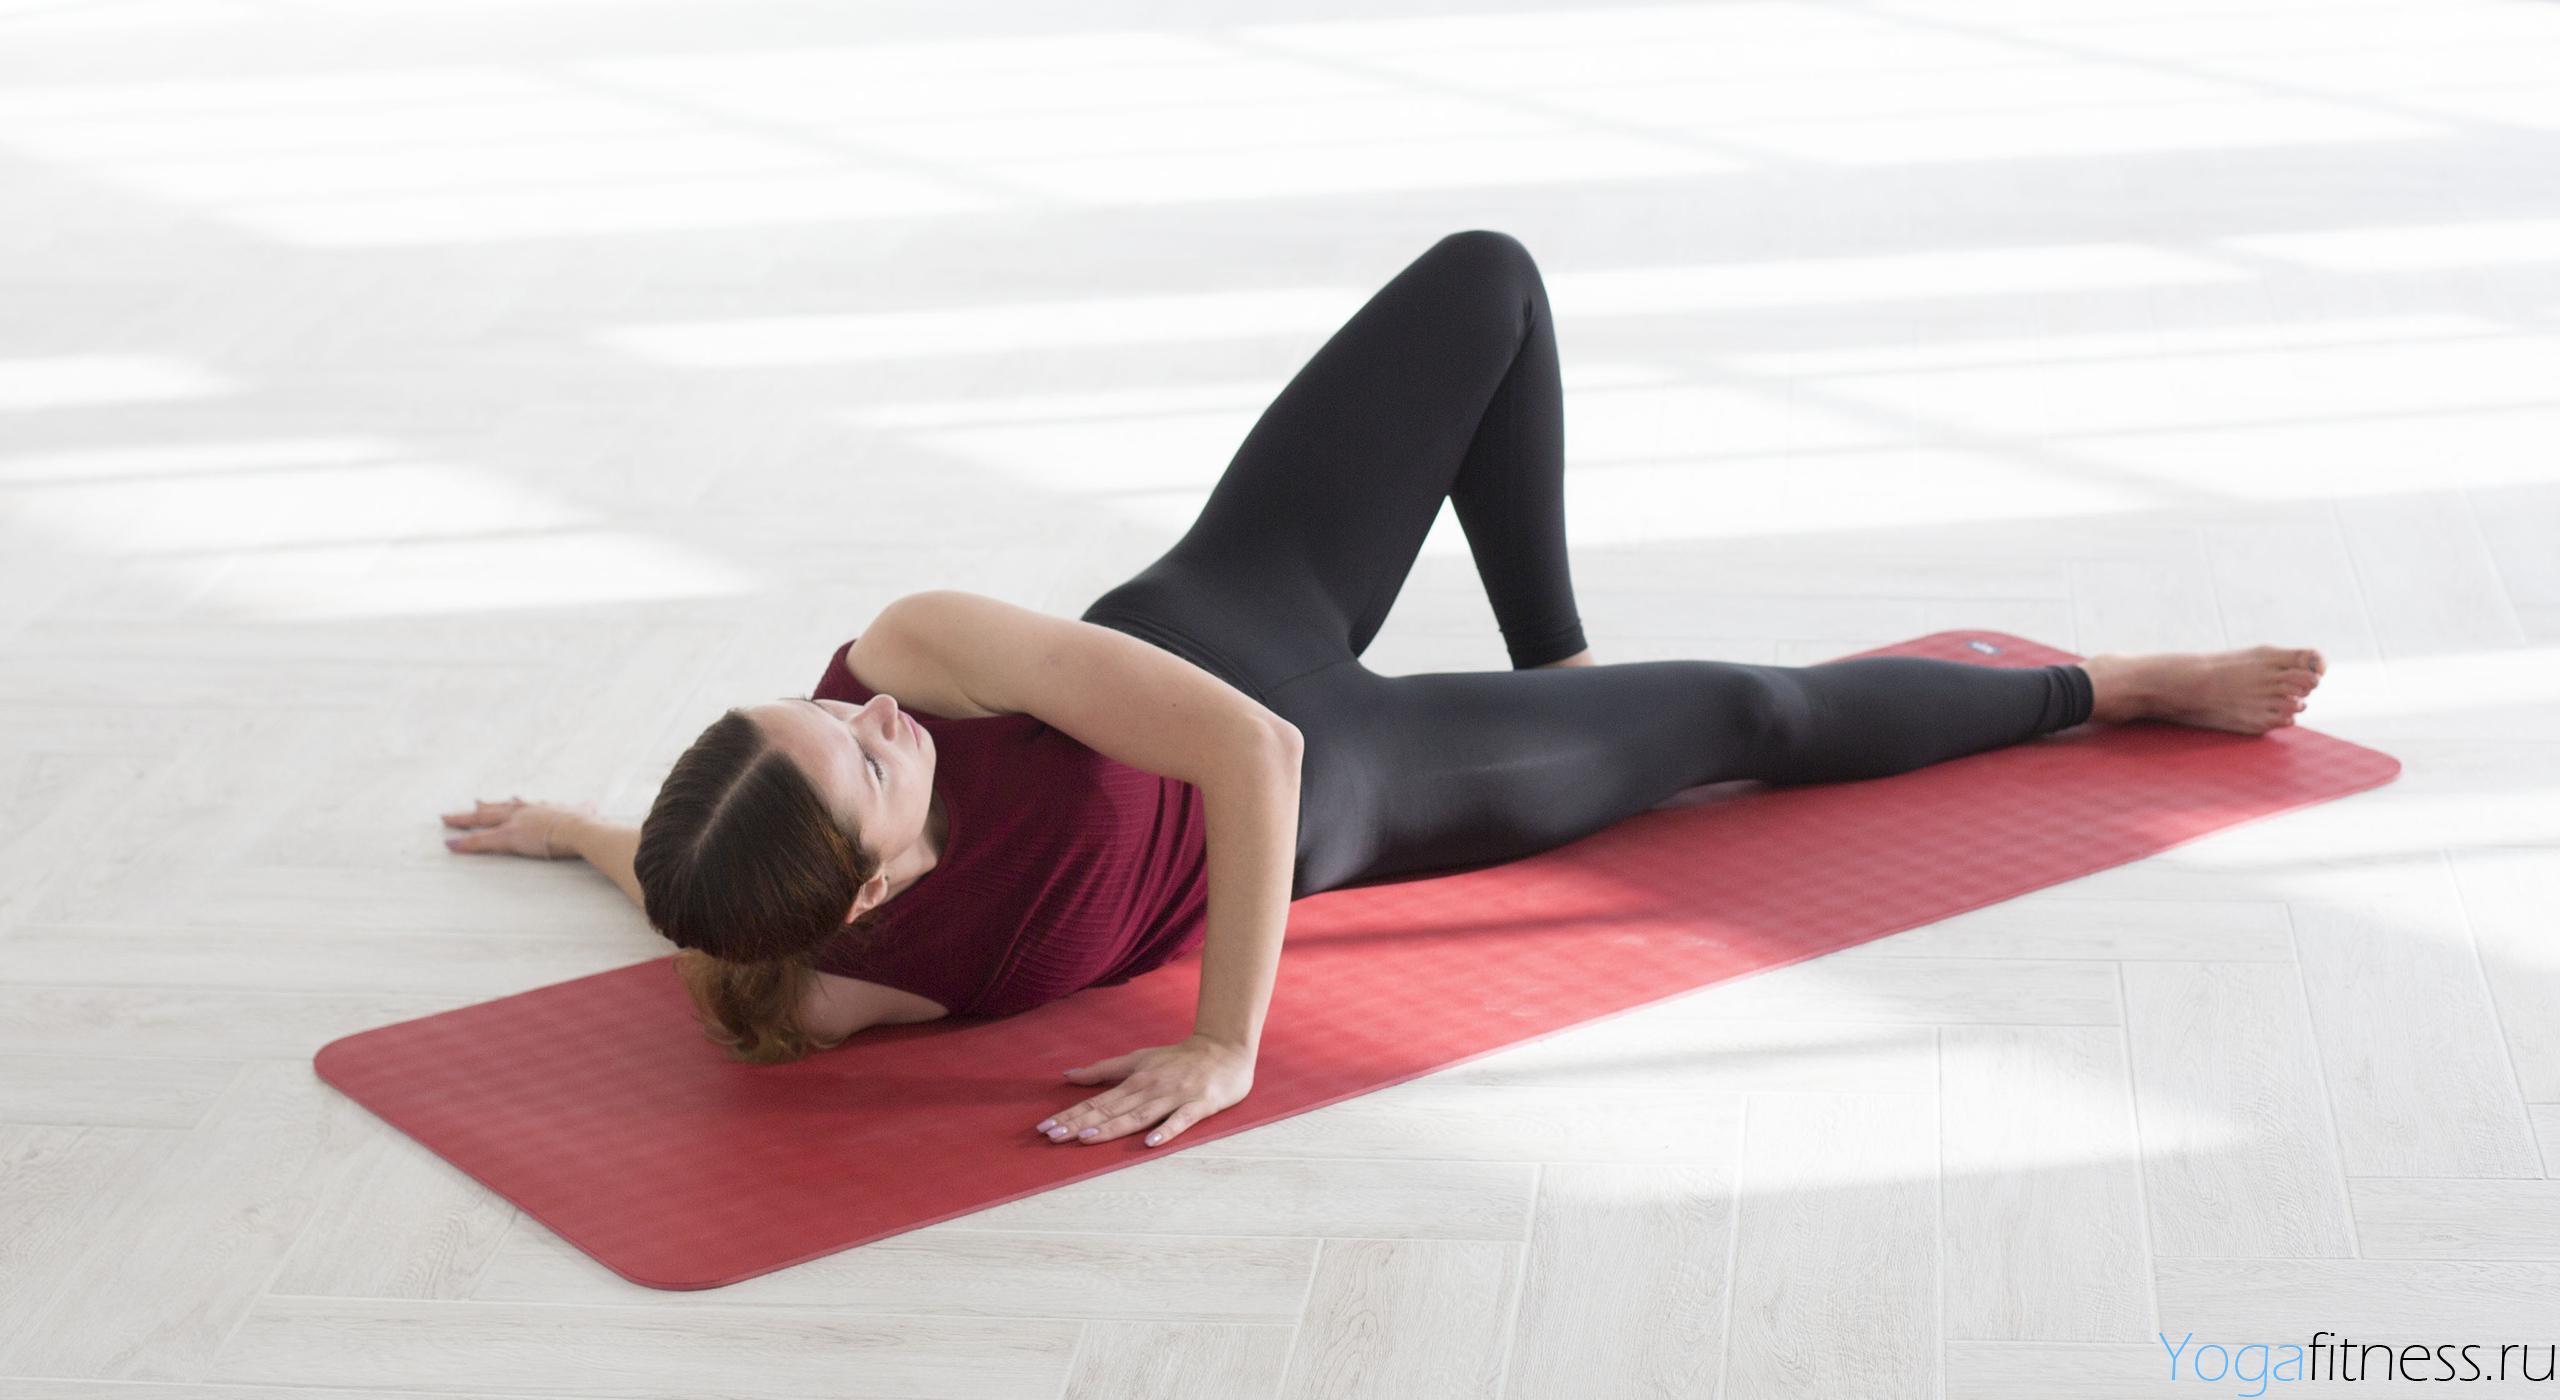 Йога-нидра. все самое важное о глубокой практике расслабления. как выполнять и что делать начинающему?